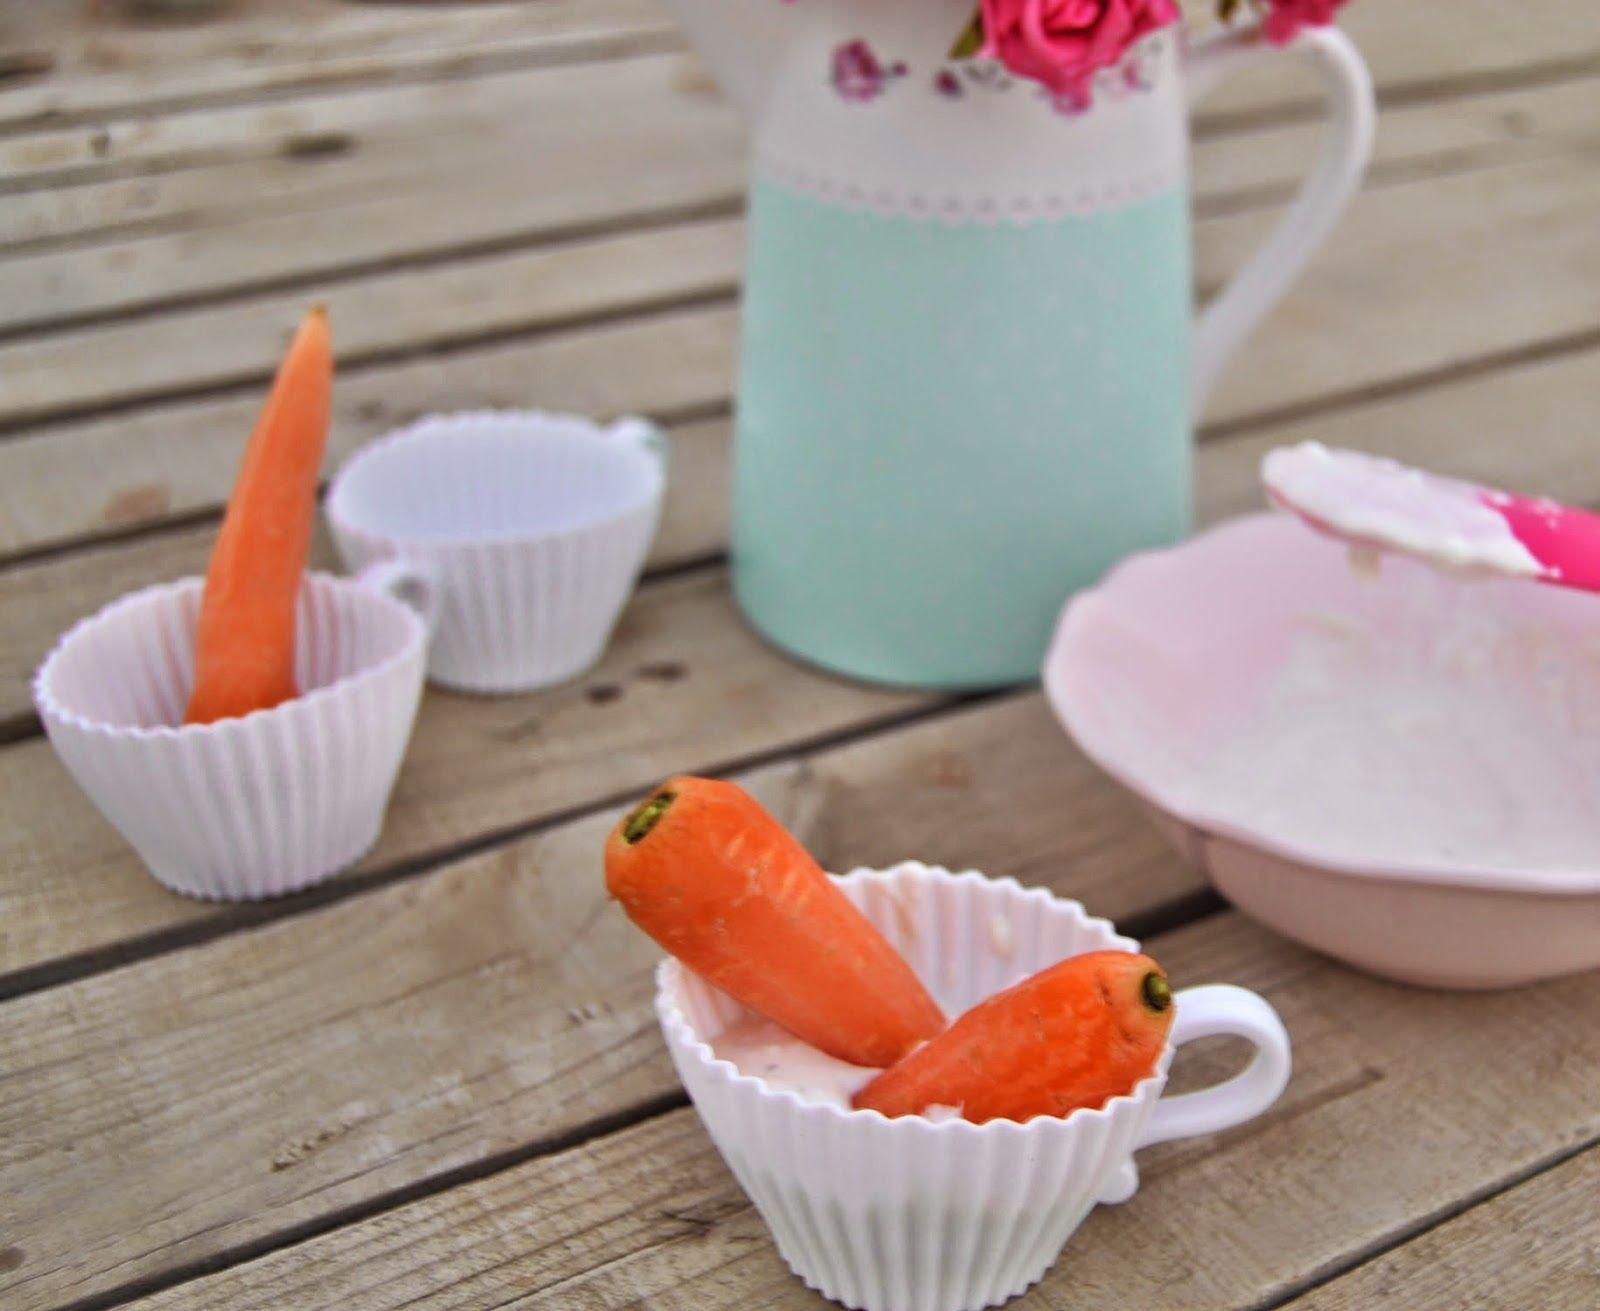 GHADIR ALQAHTANI-BLOGGER مدونة-غدير القحطاني: شوية سناكز صحية ولذيذة |yummy snacks